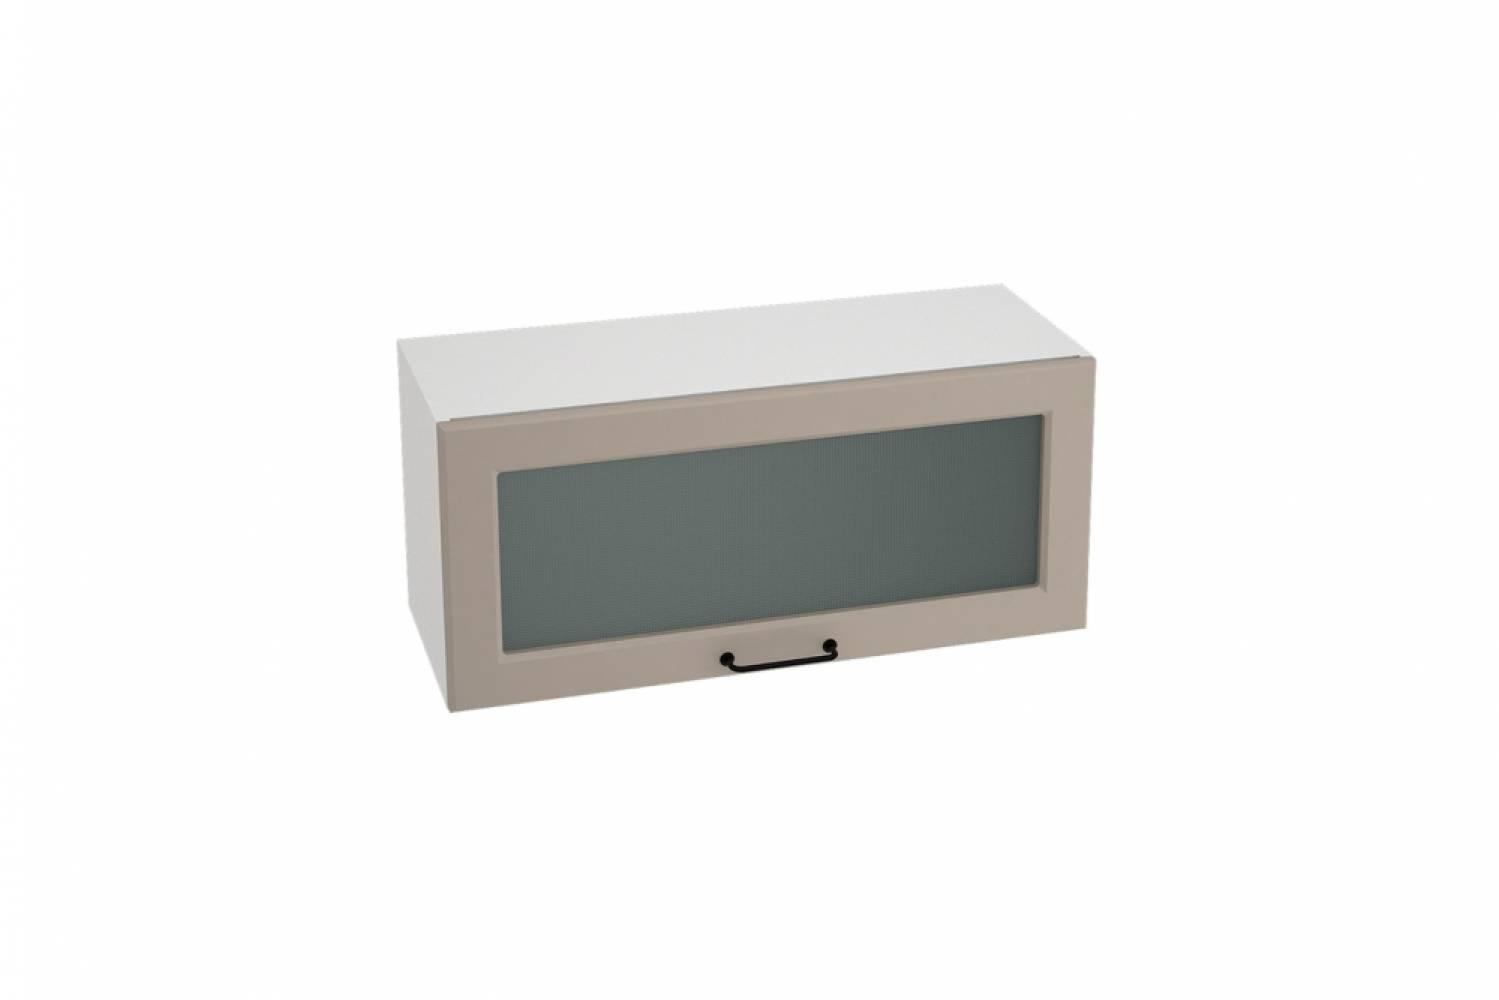 Шкаф верхний горизонтальный со стеклом ШВГС 800 НИЦЦА ROYAL (OMNIA) 800 мм